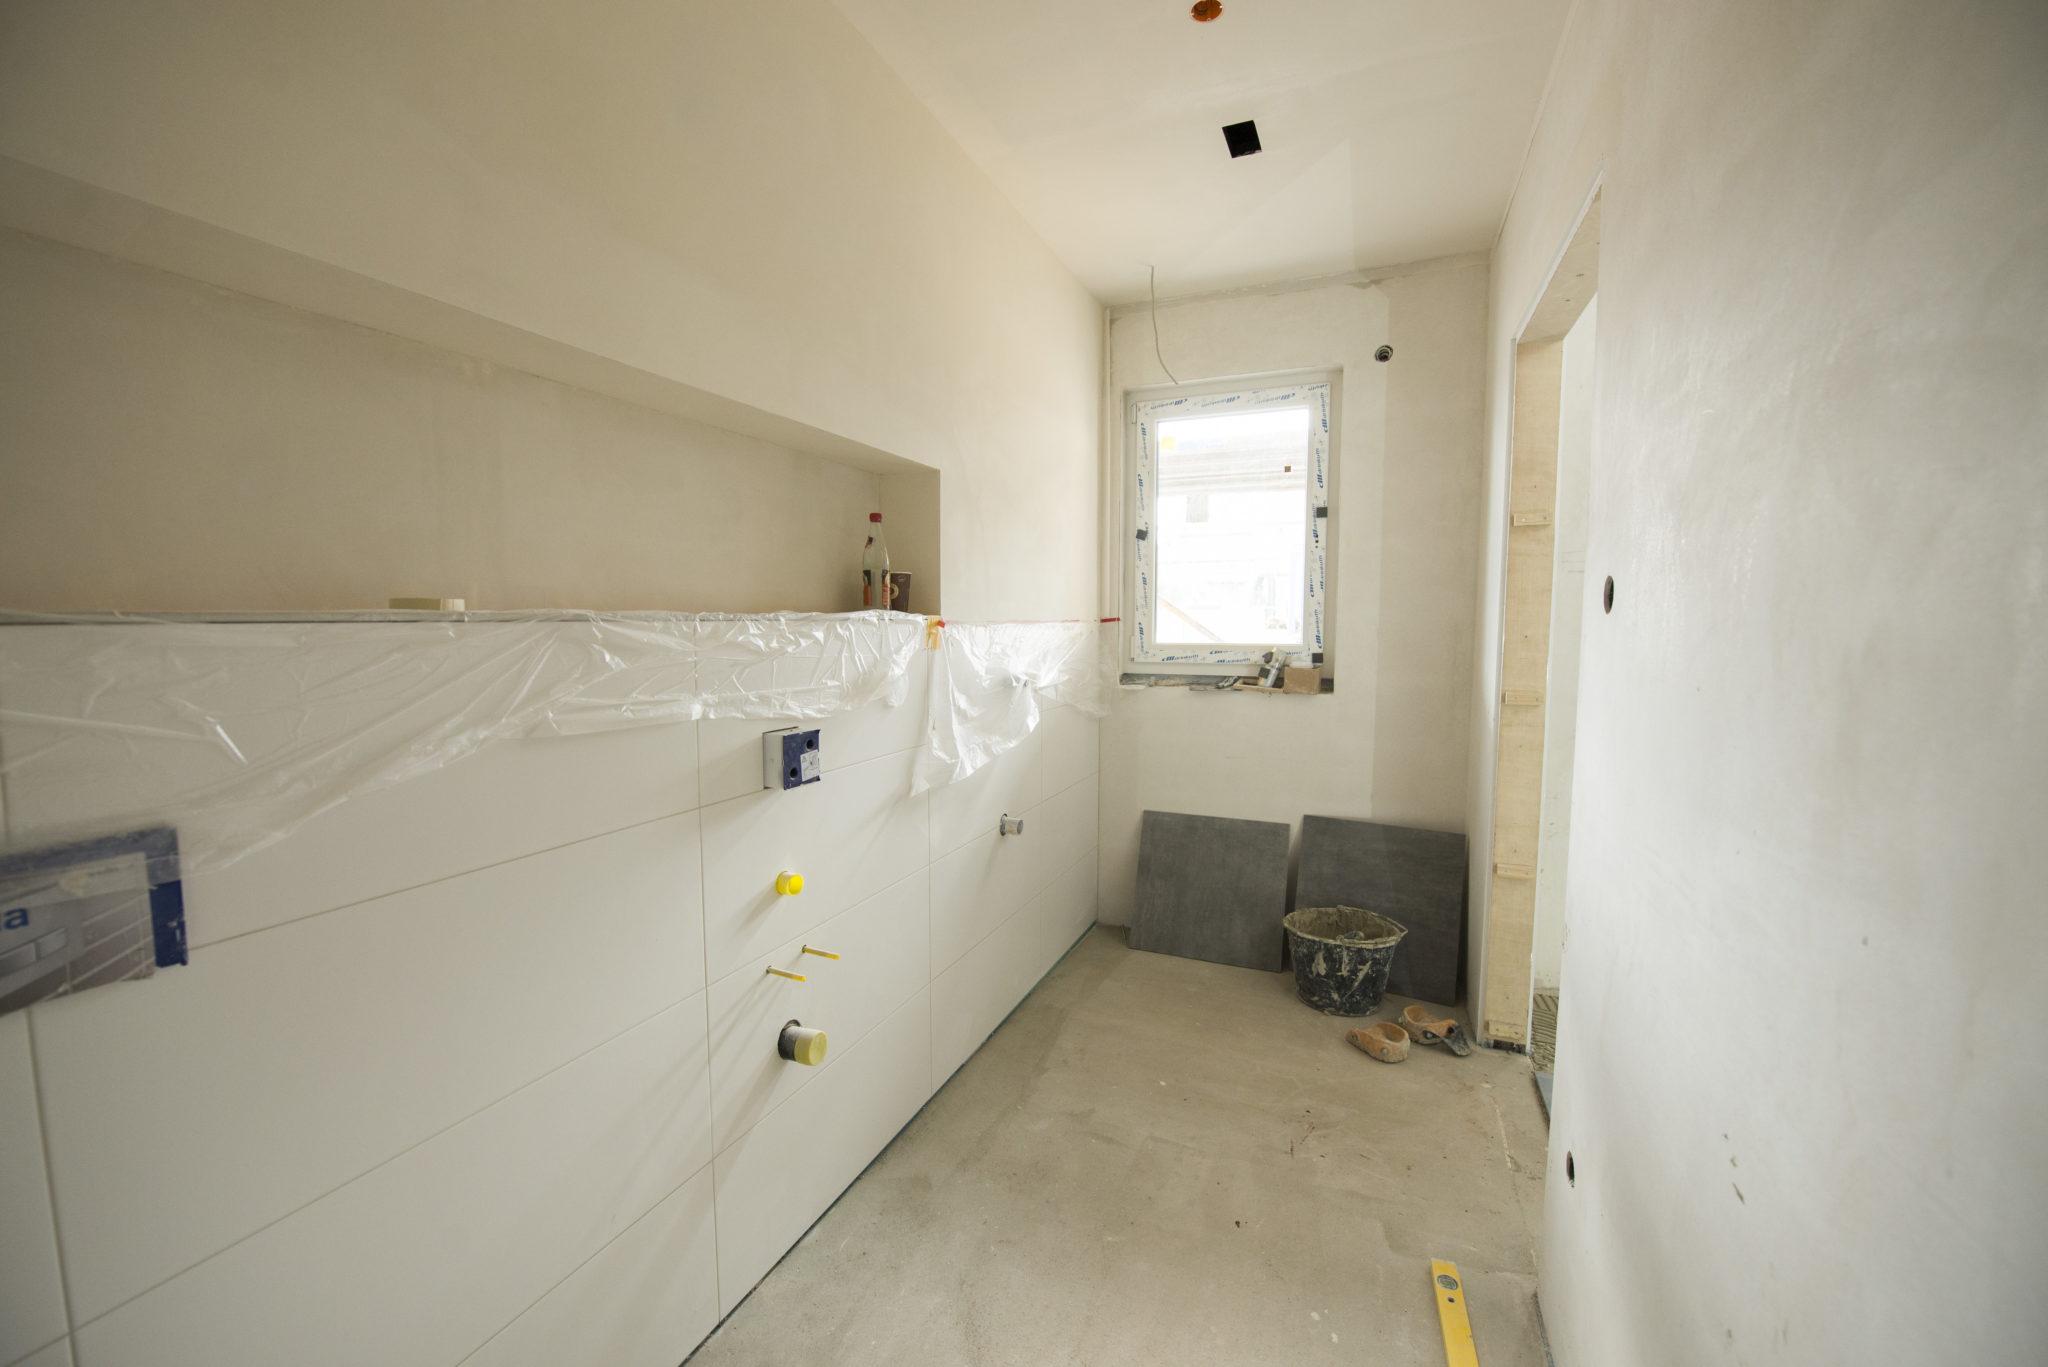 referenzen küche, bad & flur/garderobe - einrichtungsplanung und